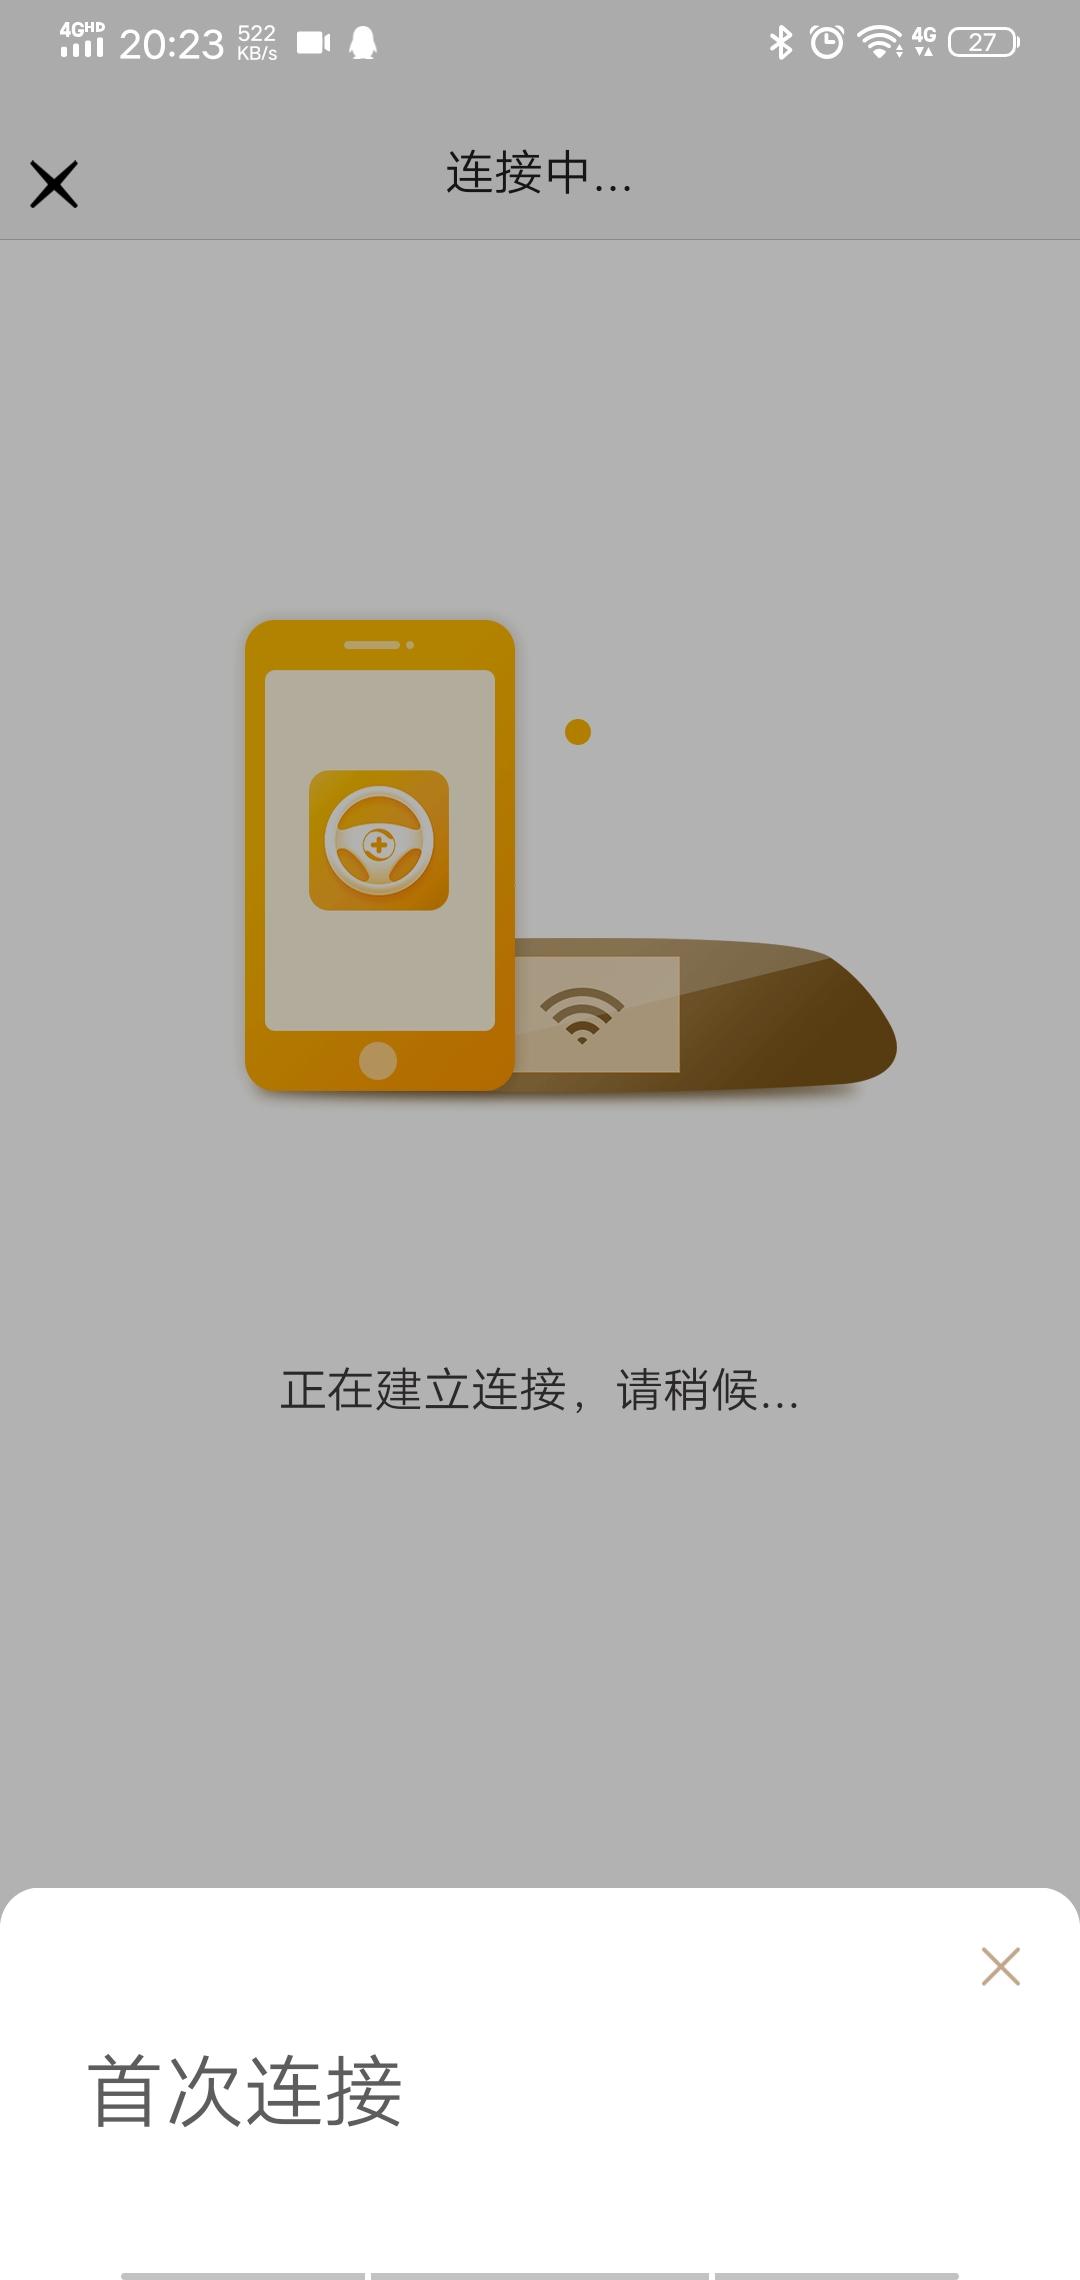 Screenshot_20191221_202354.jpg